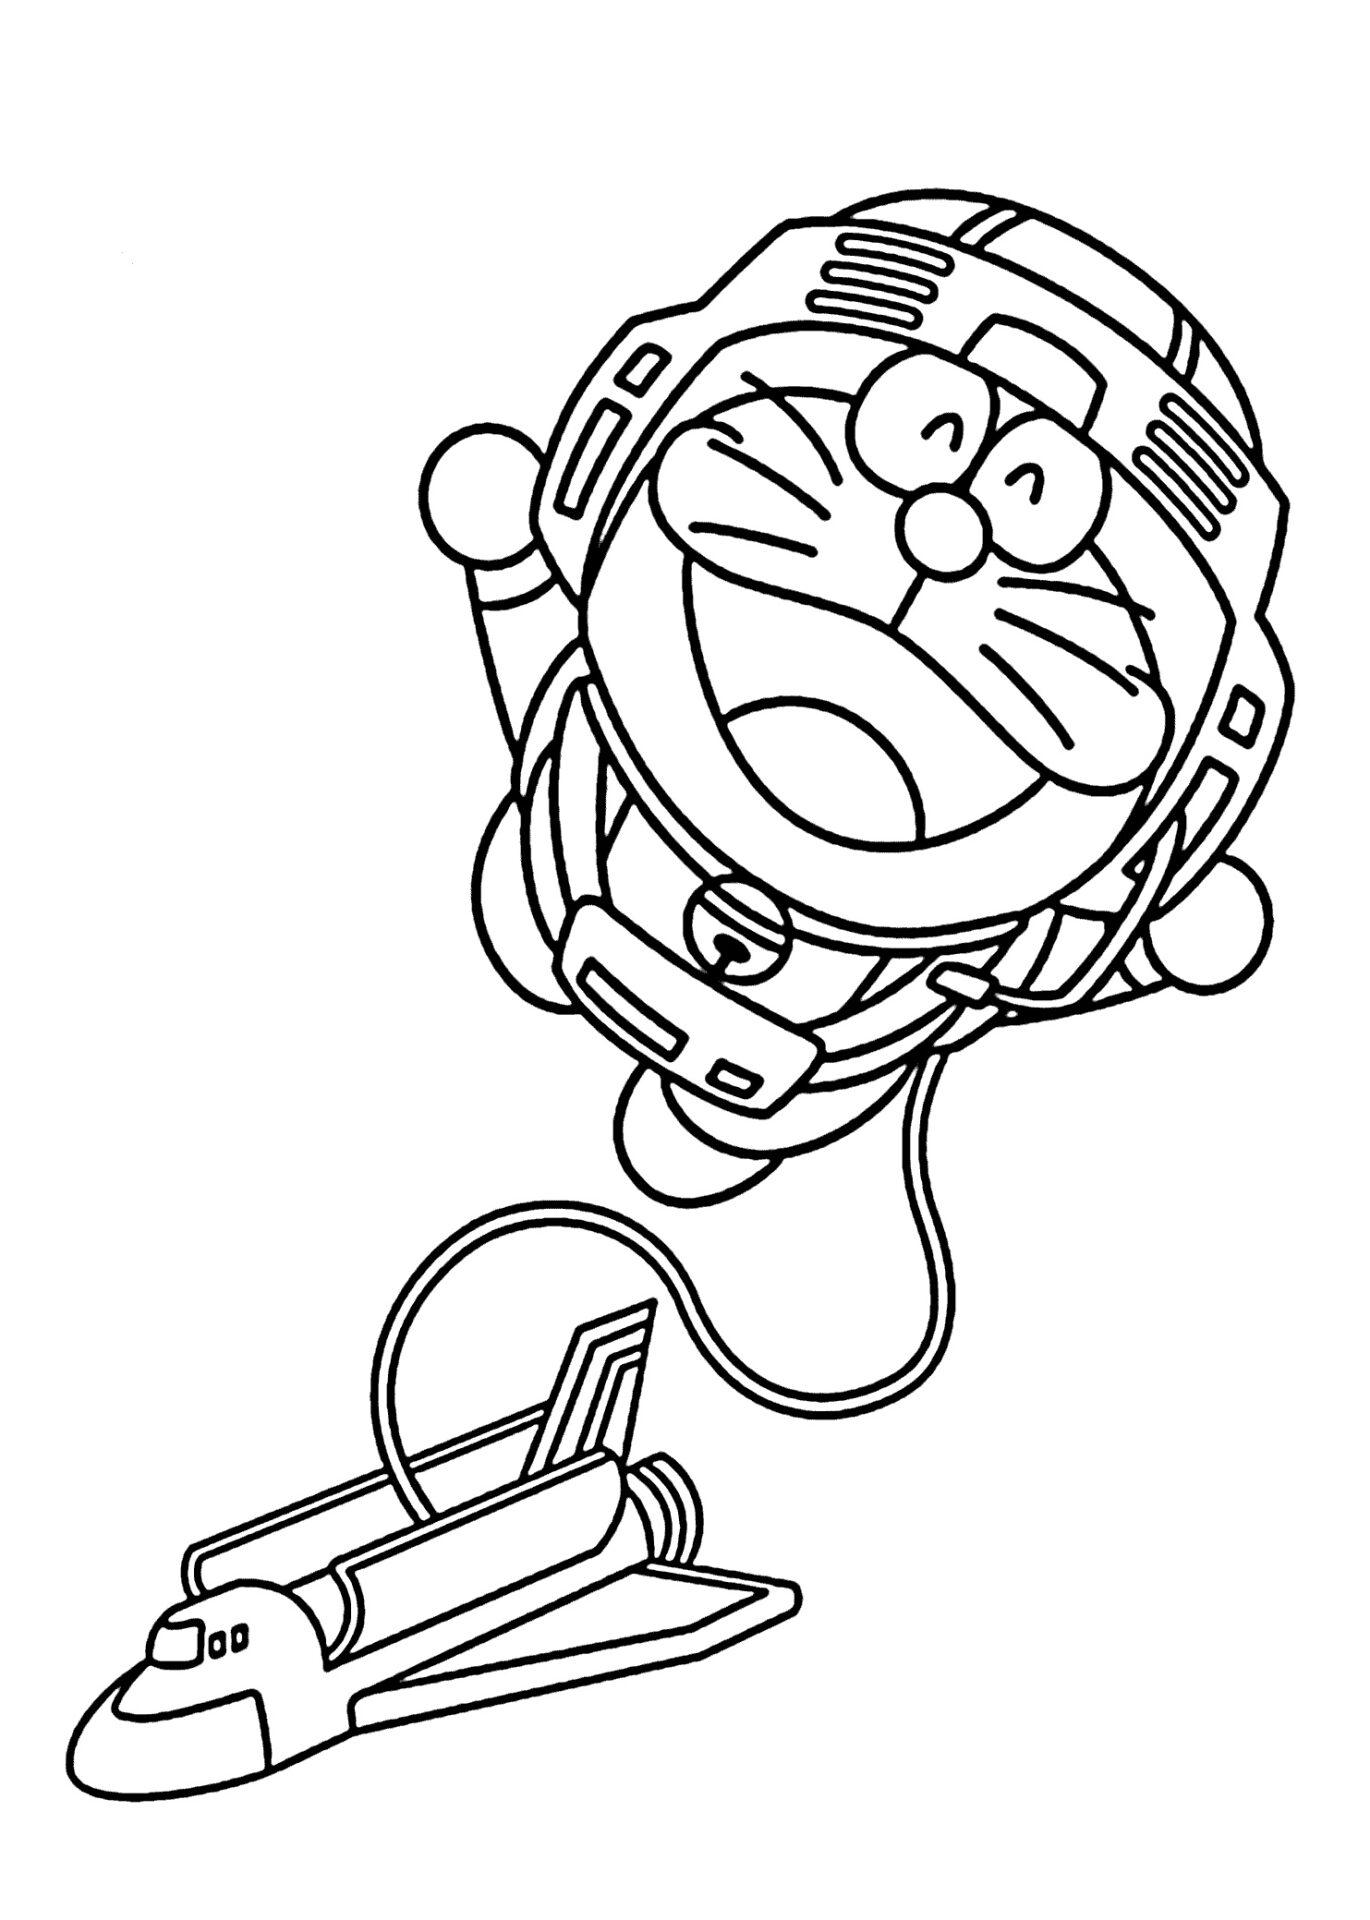 Doraemon And Spaceship